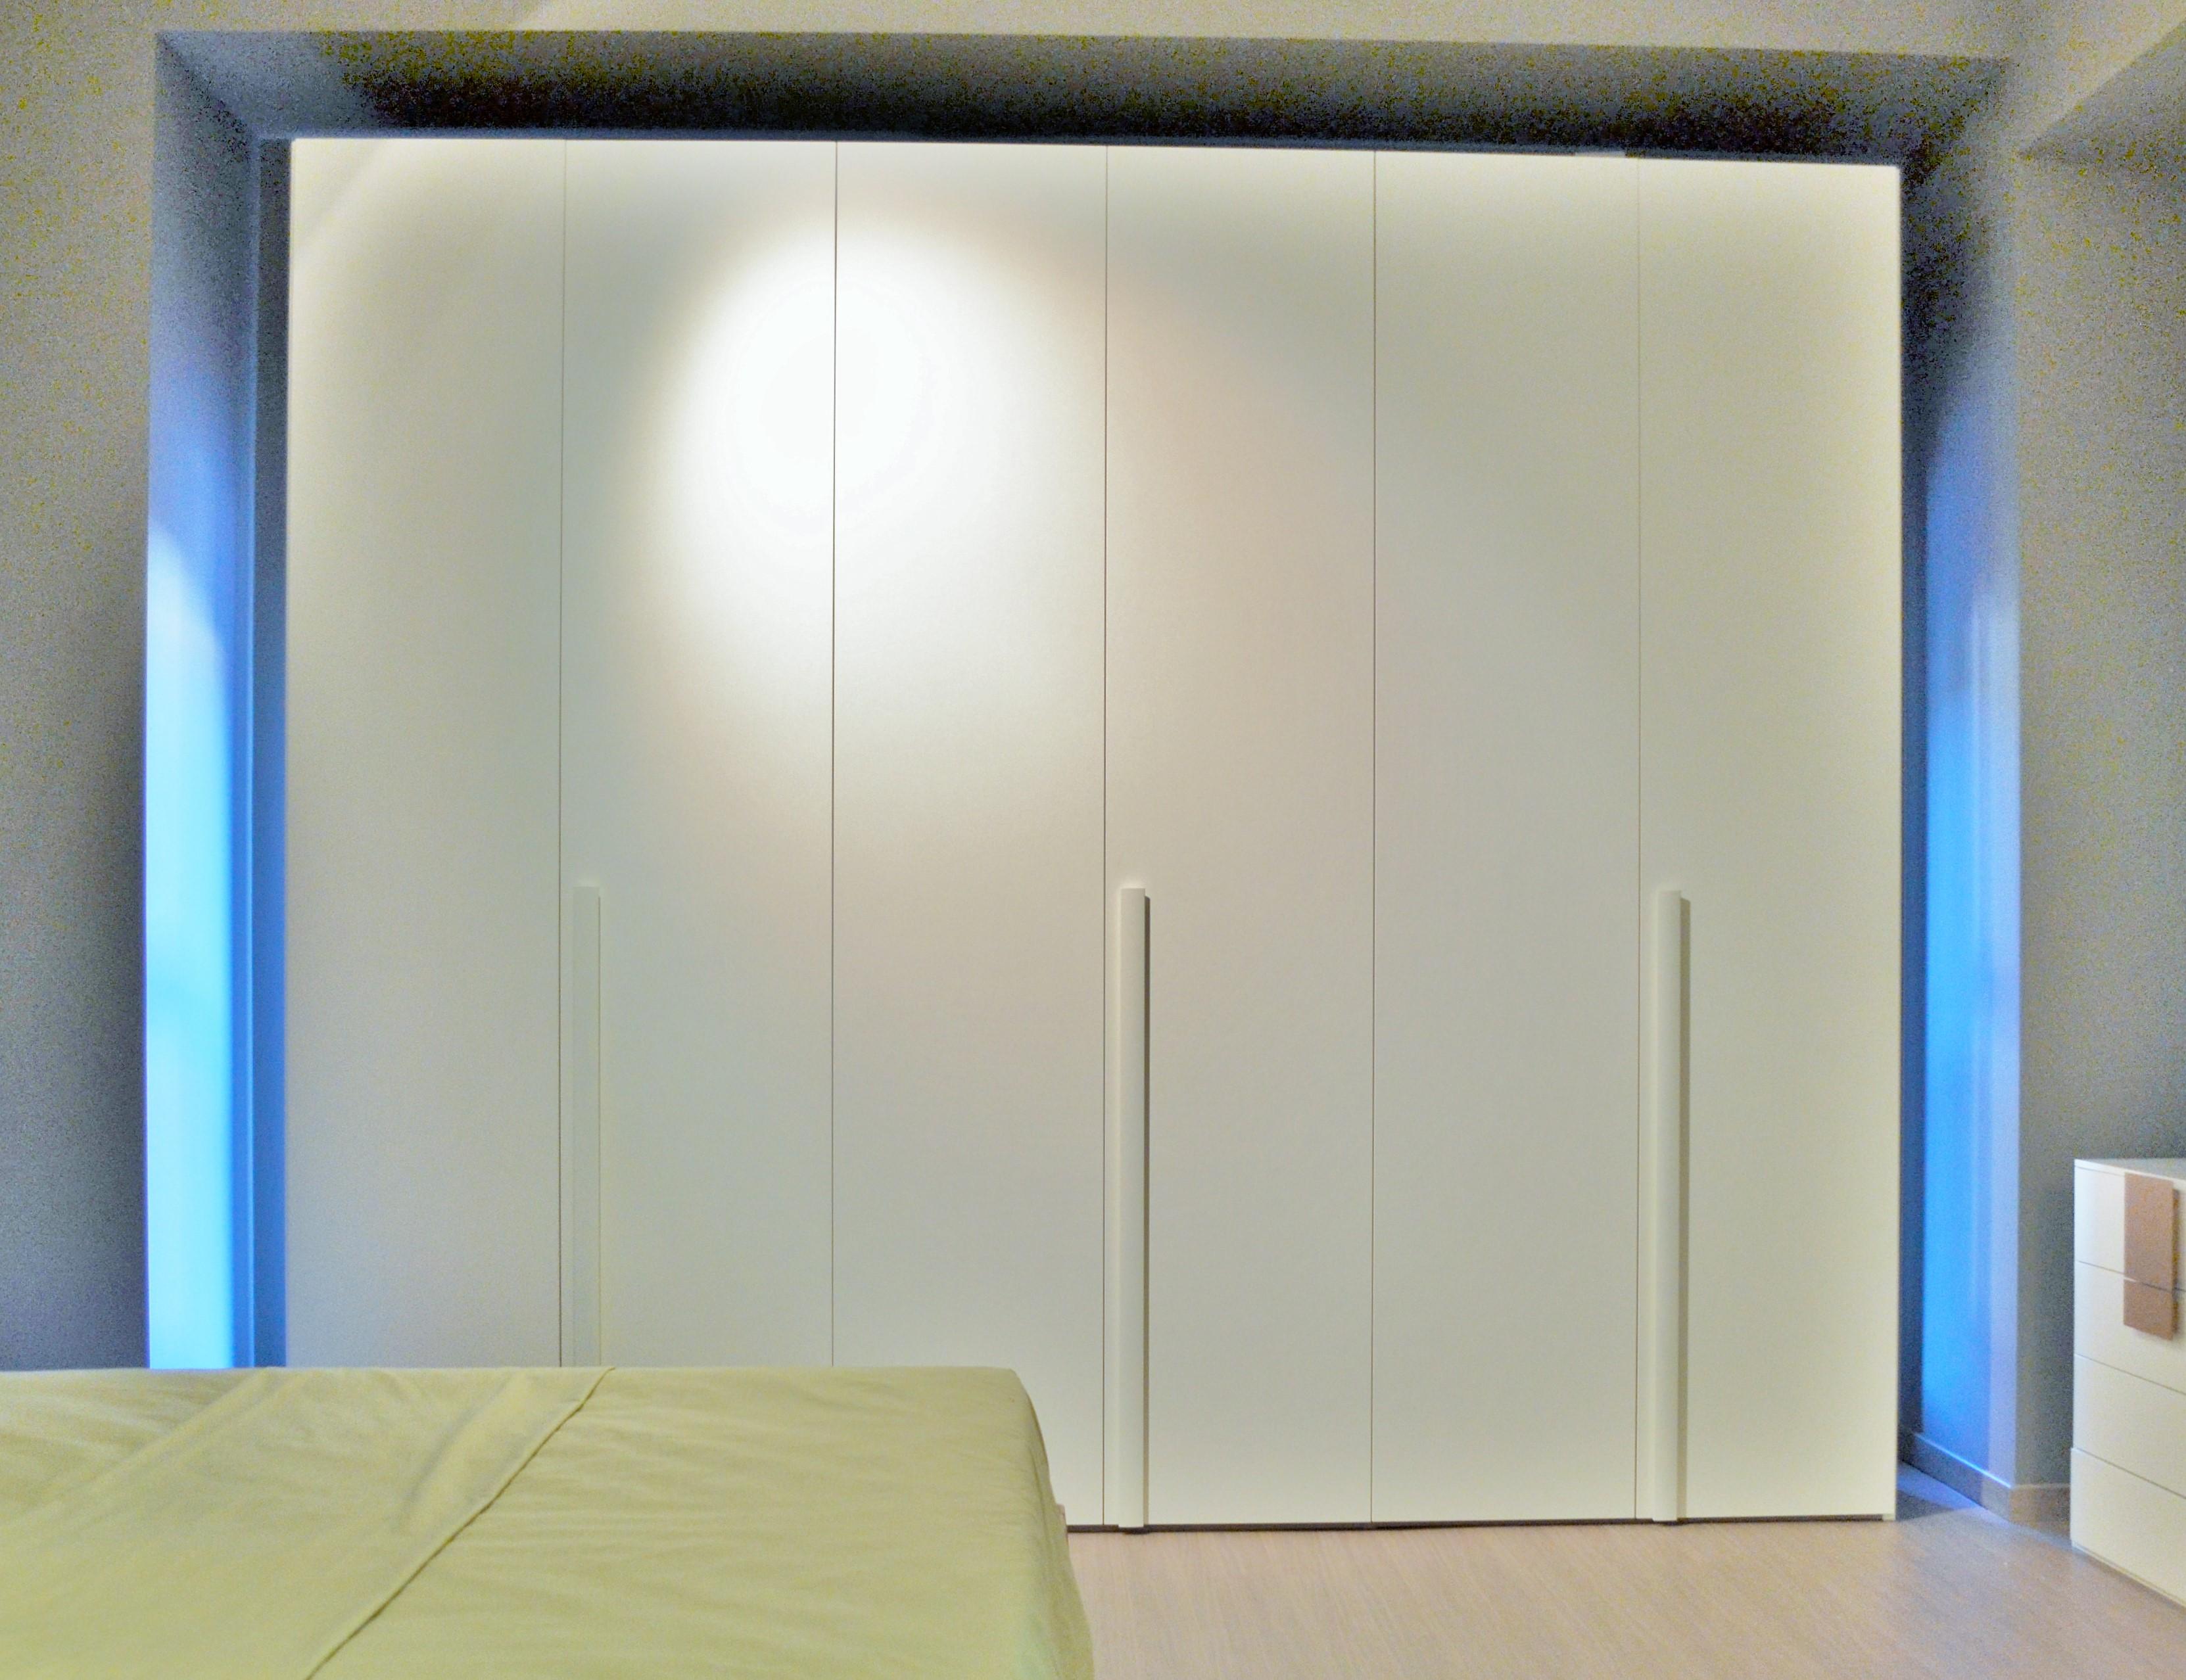 Centro dell 39 arredamento savona armadio alfa bianco 6 ante - Arredo bagno savona ...